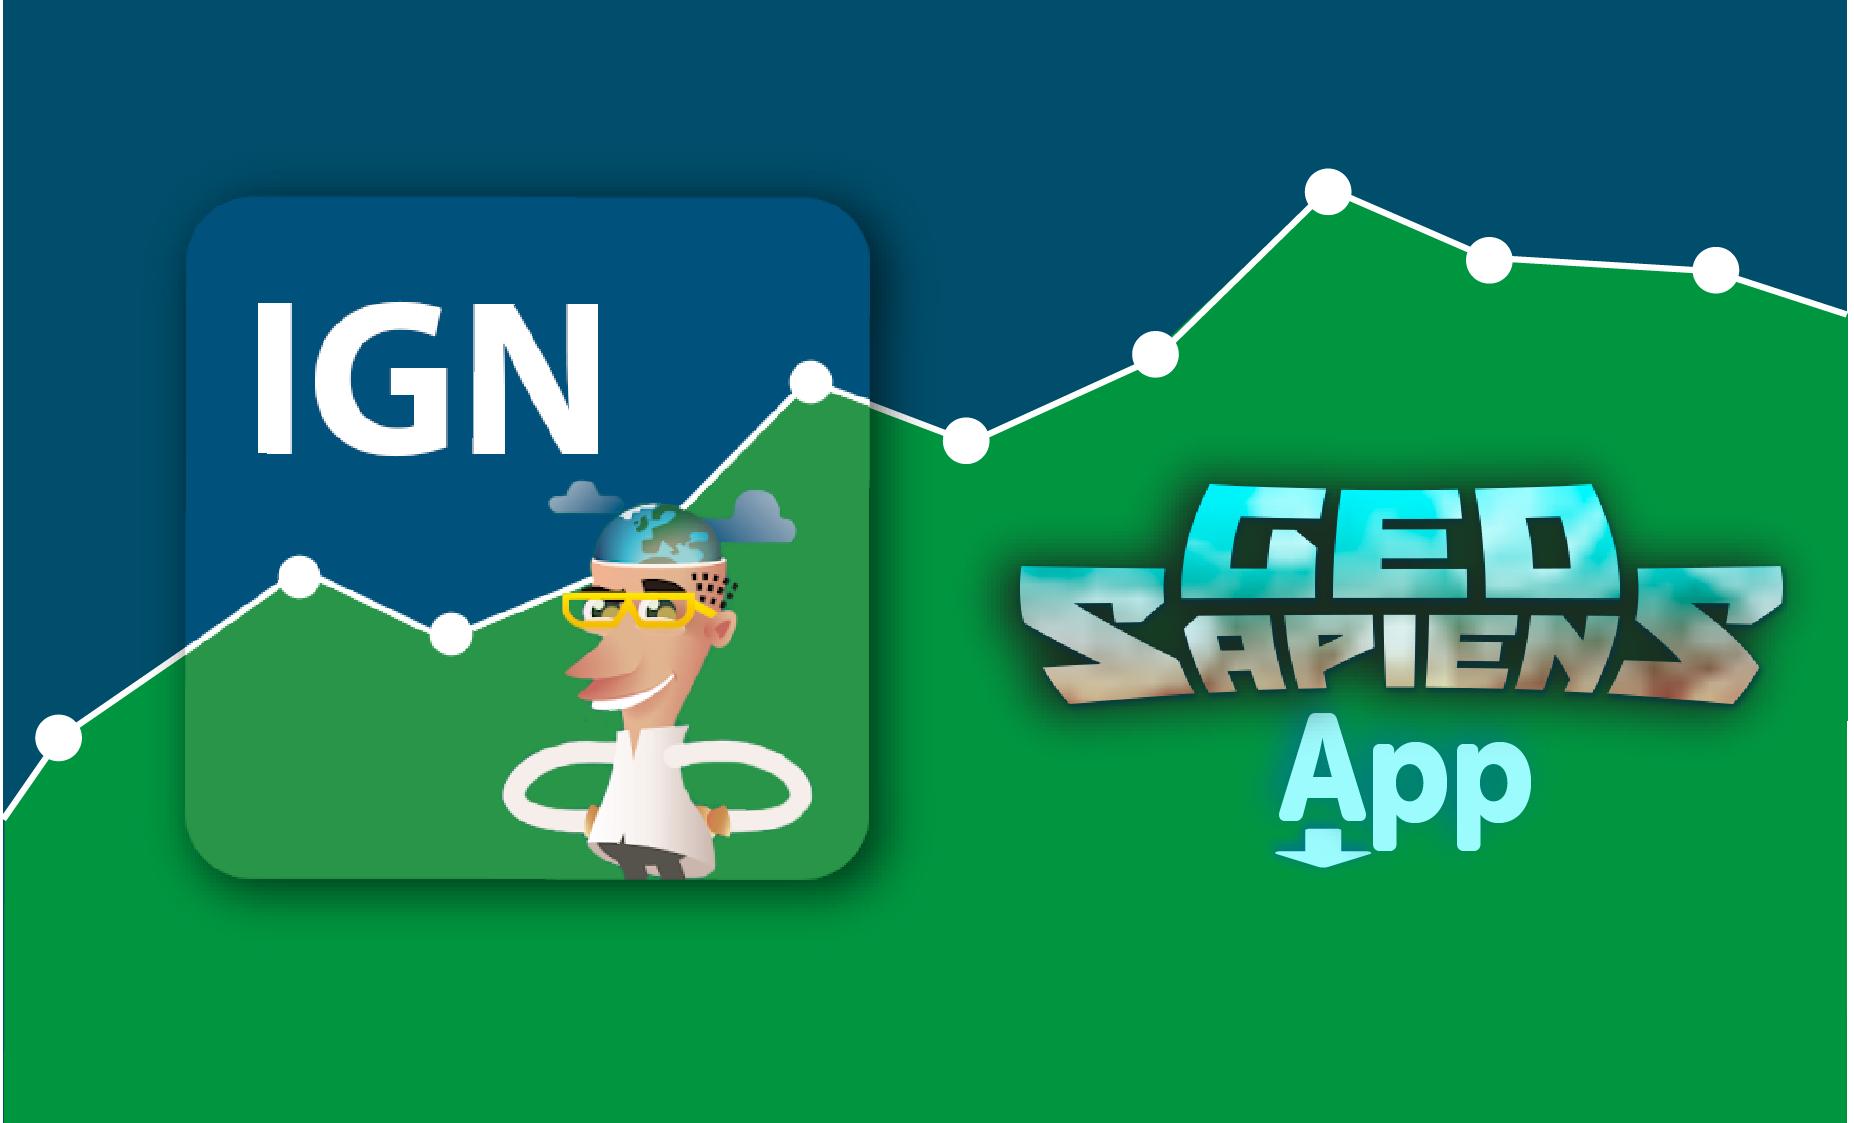 Geosapiens App